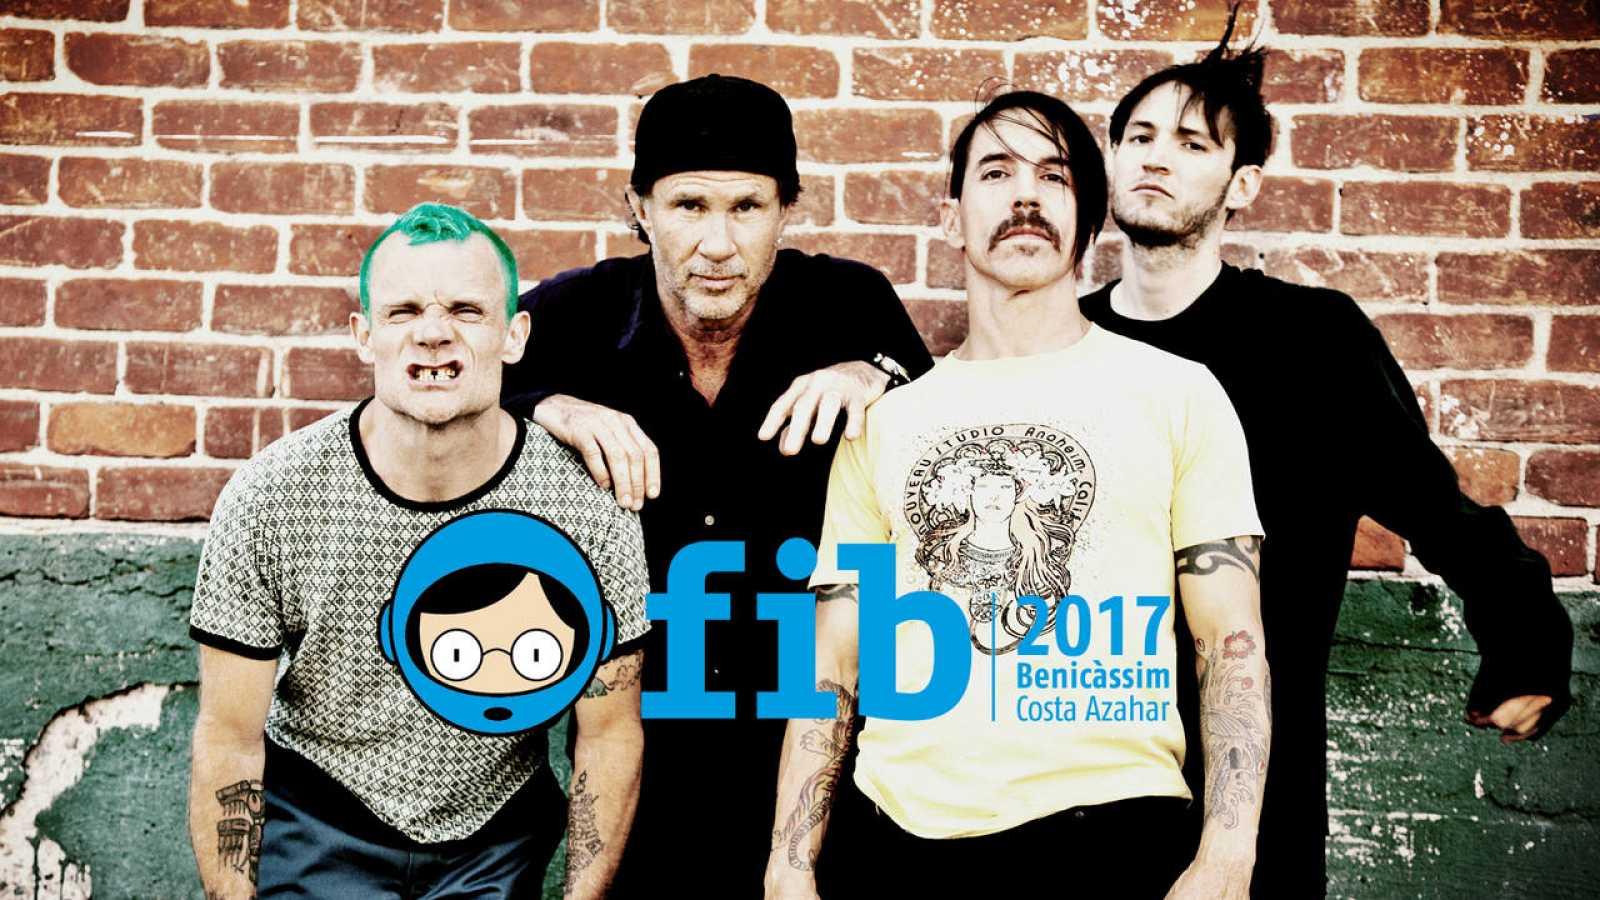 La del FIB será la única fecha de Red Hot Chili Peppers en España en 2017